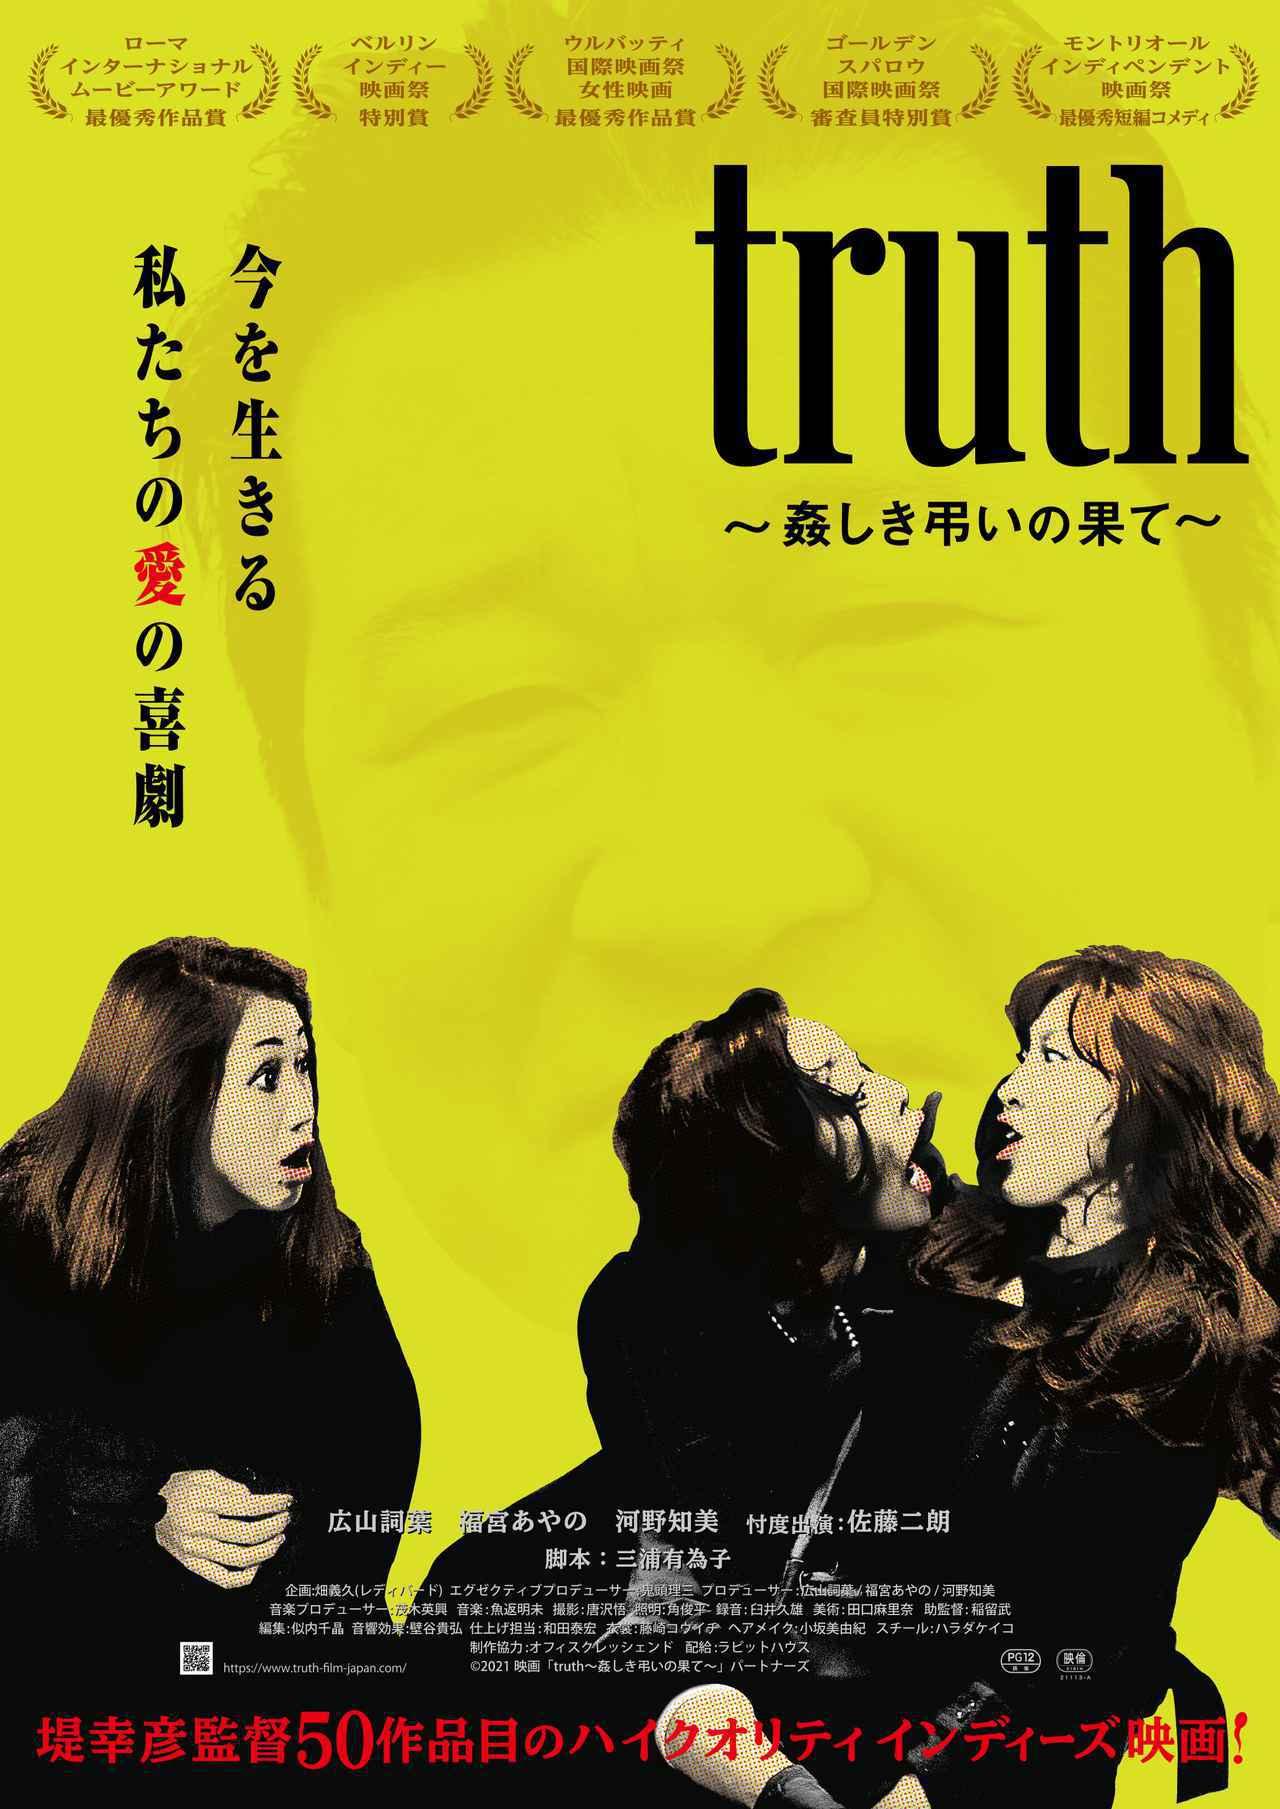 画像2: ©2021映画「truth~姦しき弔いの果て~」パートナーズ